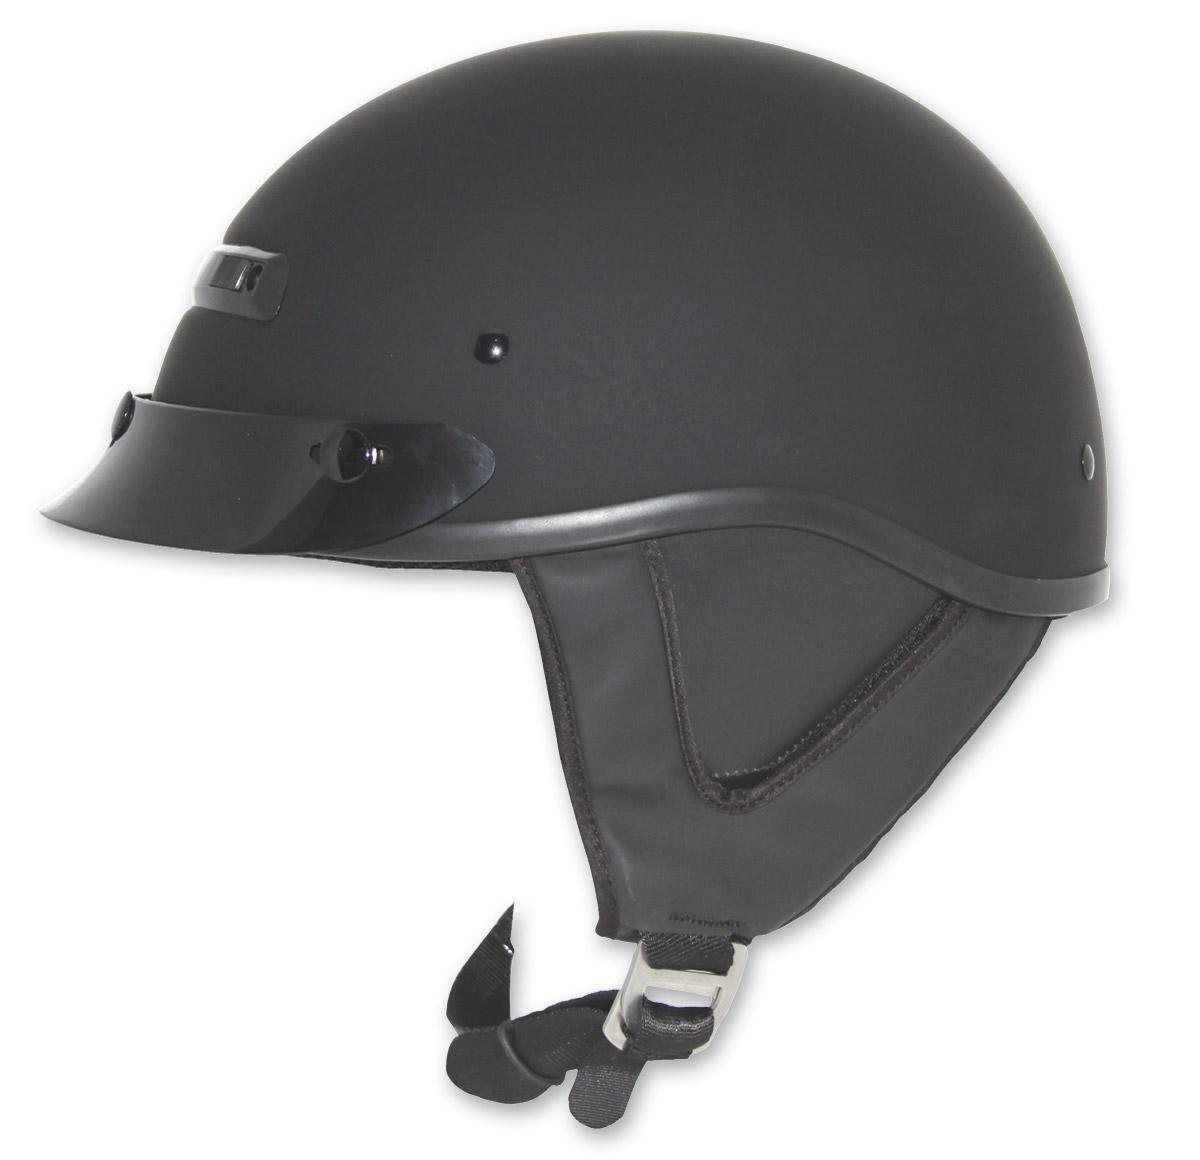 Zox Banos Gloss Black Half Helmet - Z88-11003 | JPCycles.com